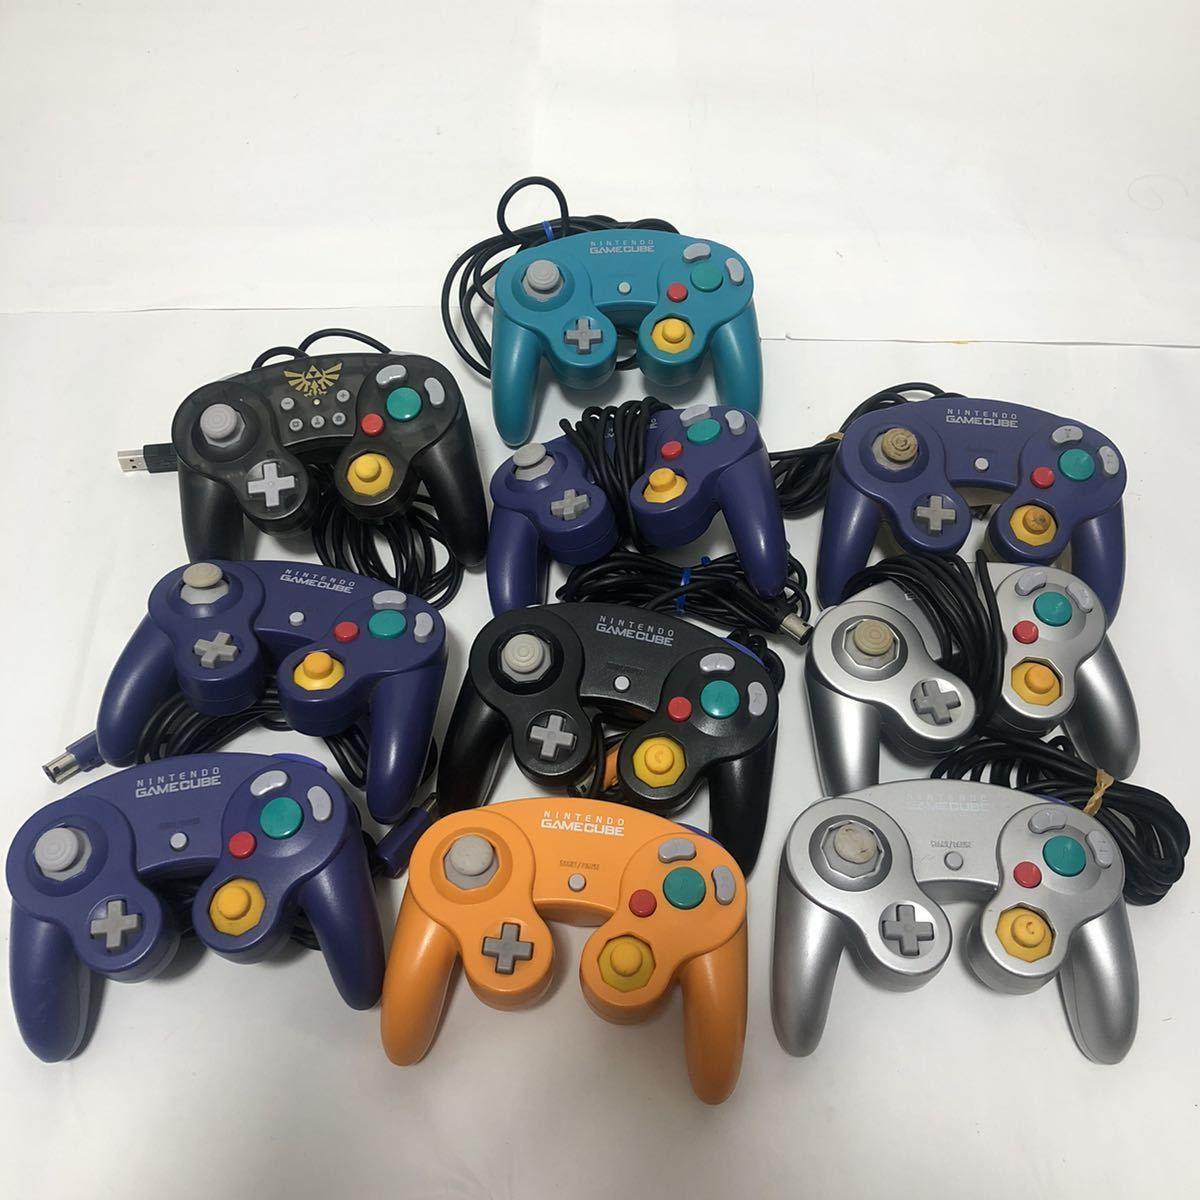 1円~【動作未チェック】Nintendo 任天堂 ニンテンドー GAMECUBE ゲームキューブ GC コントローラー controller まとめ 10個 ジャンク